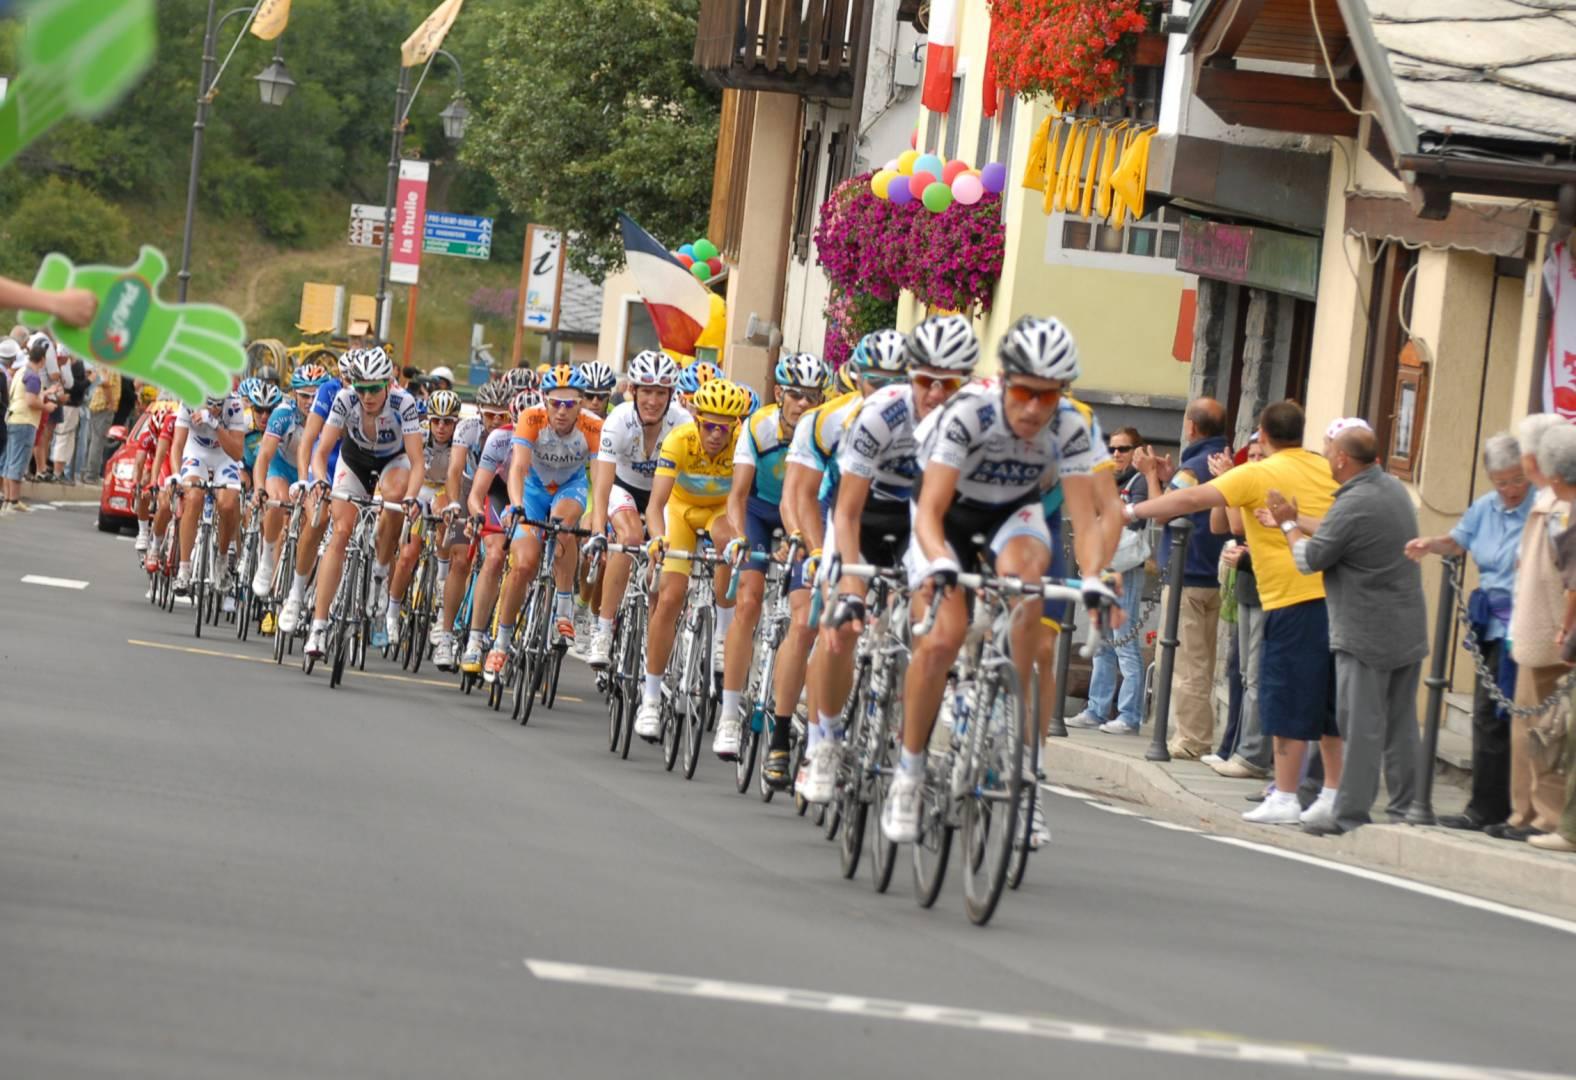 Viabilità modificata per il Giro d'Italia